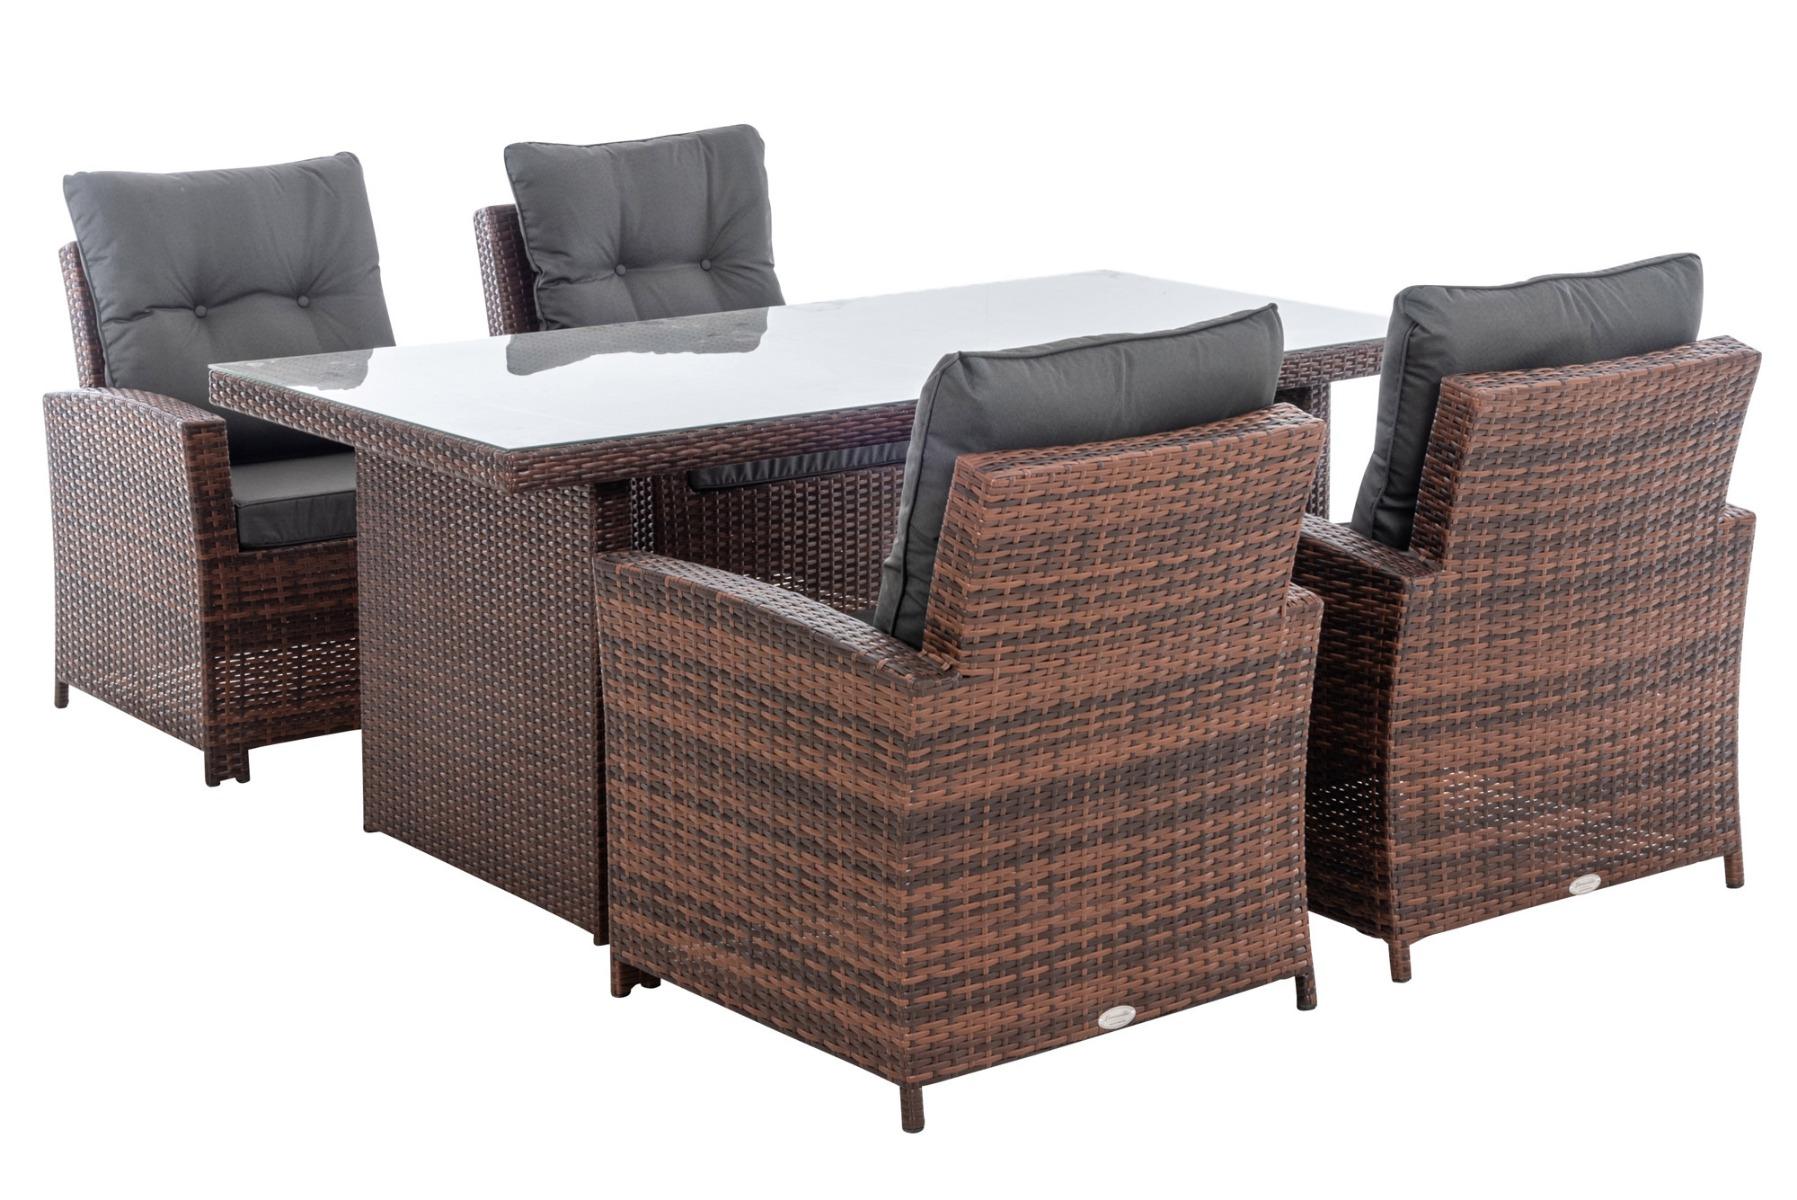 M# 4er Set Stuhl Fisolo mit Tisch Avignon 180-braun-meliert-eisengrau günstig online kaufen